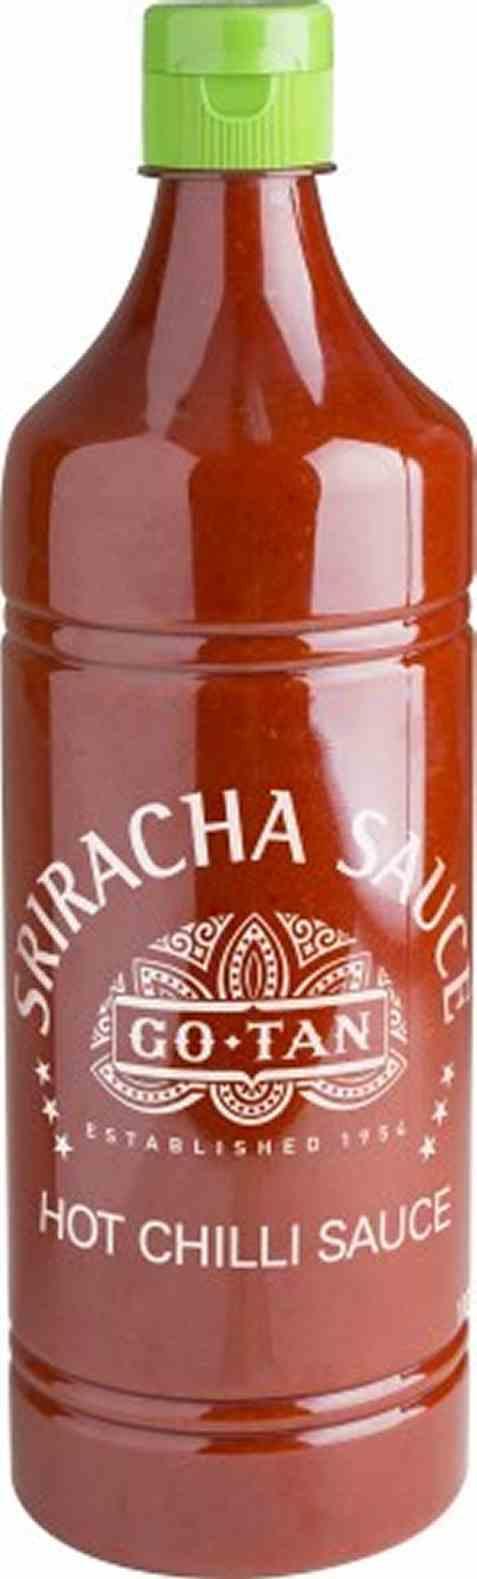 Bilde av Go-Tan Sriracha-saus 1 liter.